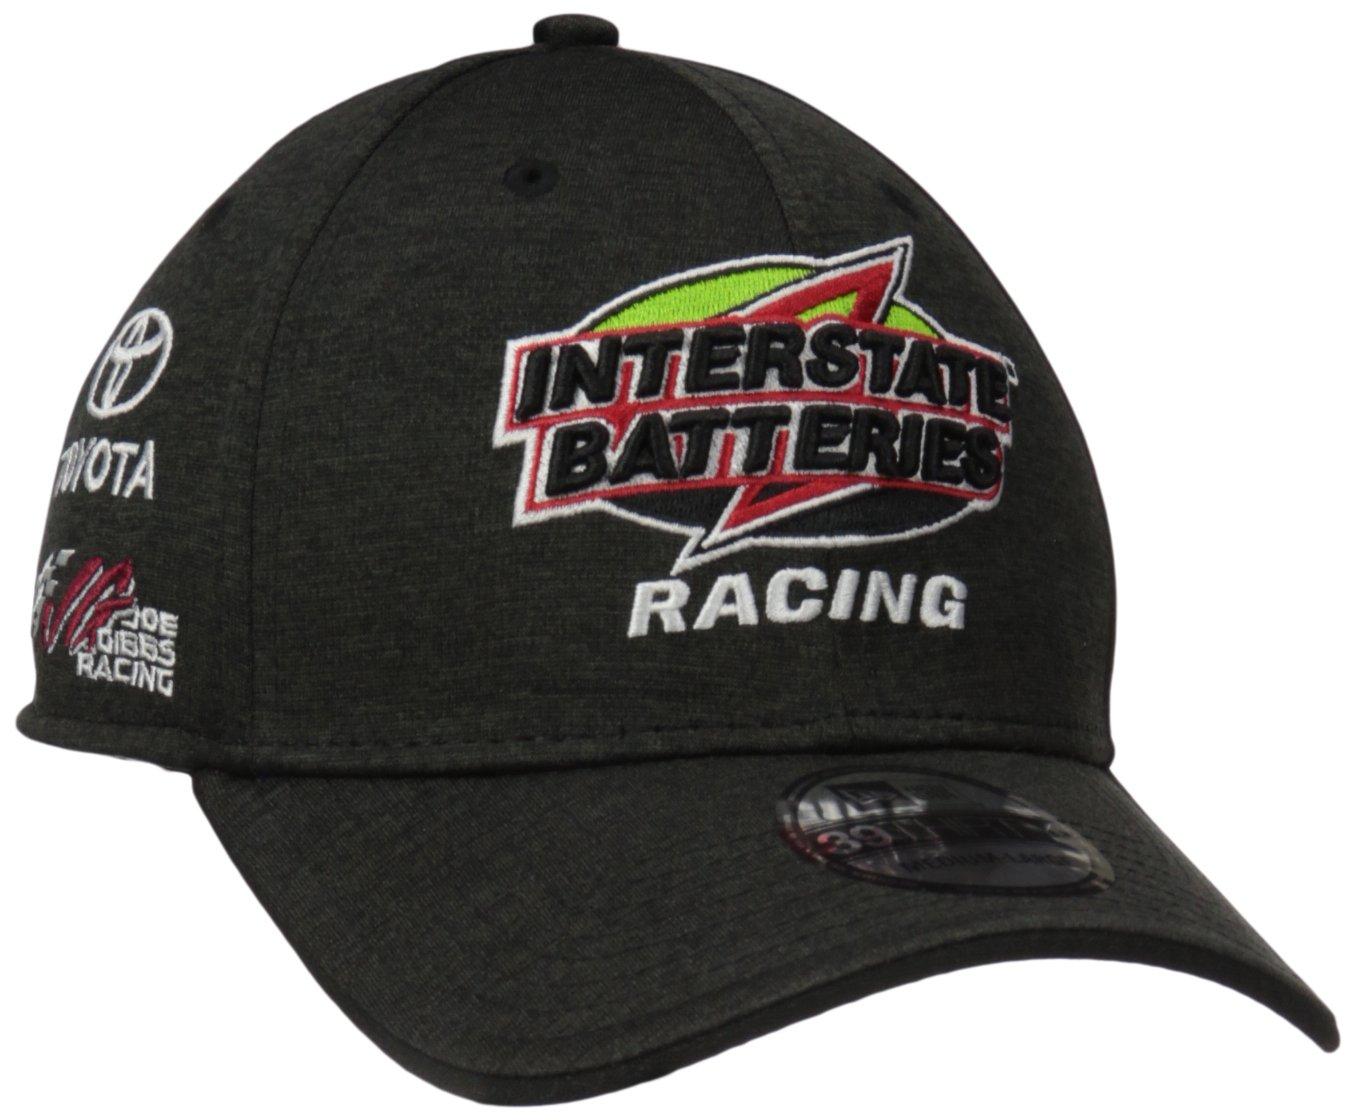 【国内在庫】 NASCAR Kyle Buschメンズ2017 Buschメンズ2017 Driver 39thirty Stretch Fitキャップ、ミディアム NASCAR/ラージ Stretch、ブラック B01LVTVECU, ならけん:a62ec76d --- arianechie.dominiotemporario.com